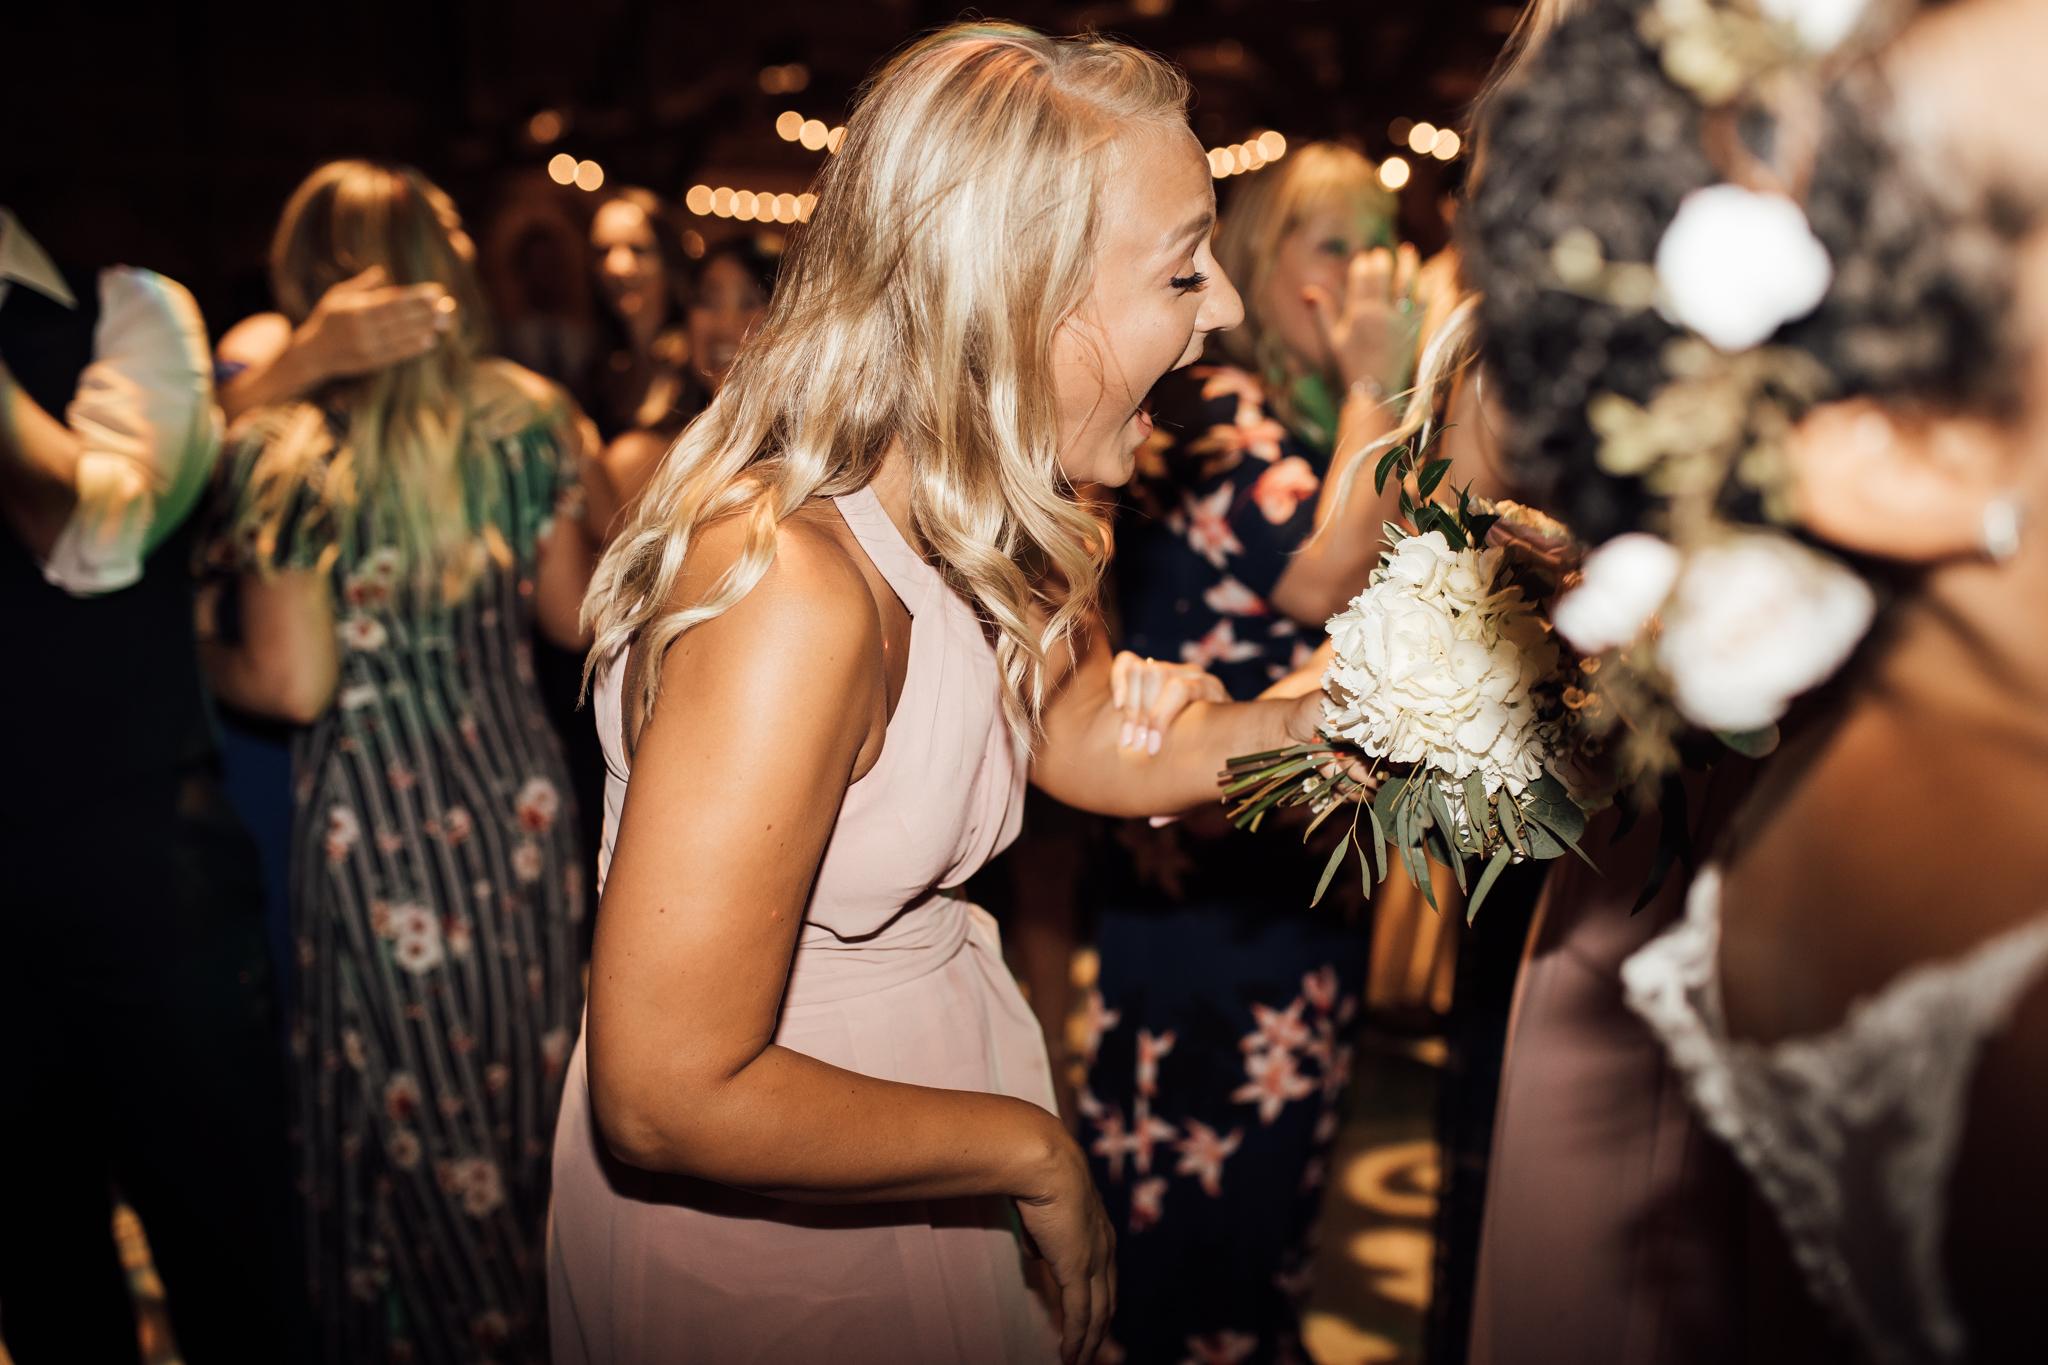 saddlewoodsfarms-nashville-wedding-photographer-thewarmtharoundyou-rustic-wedding (120 of 251).jpg